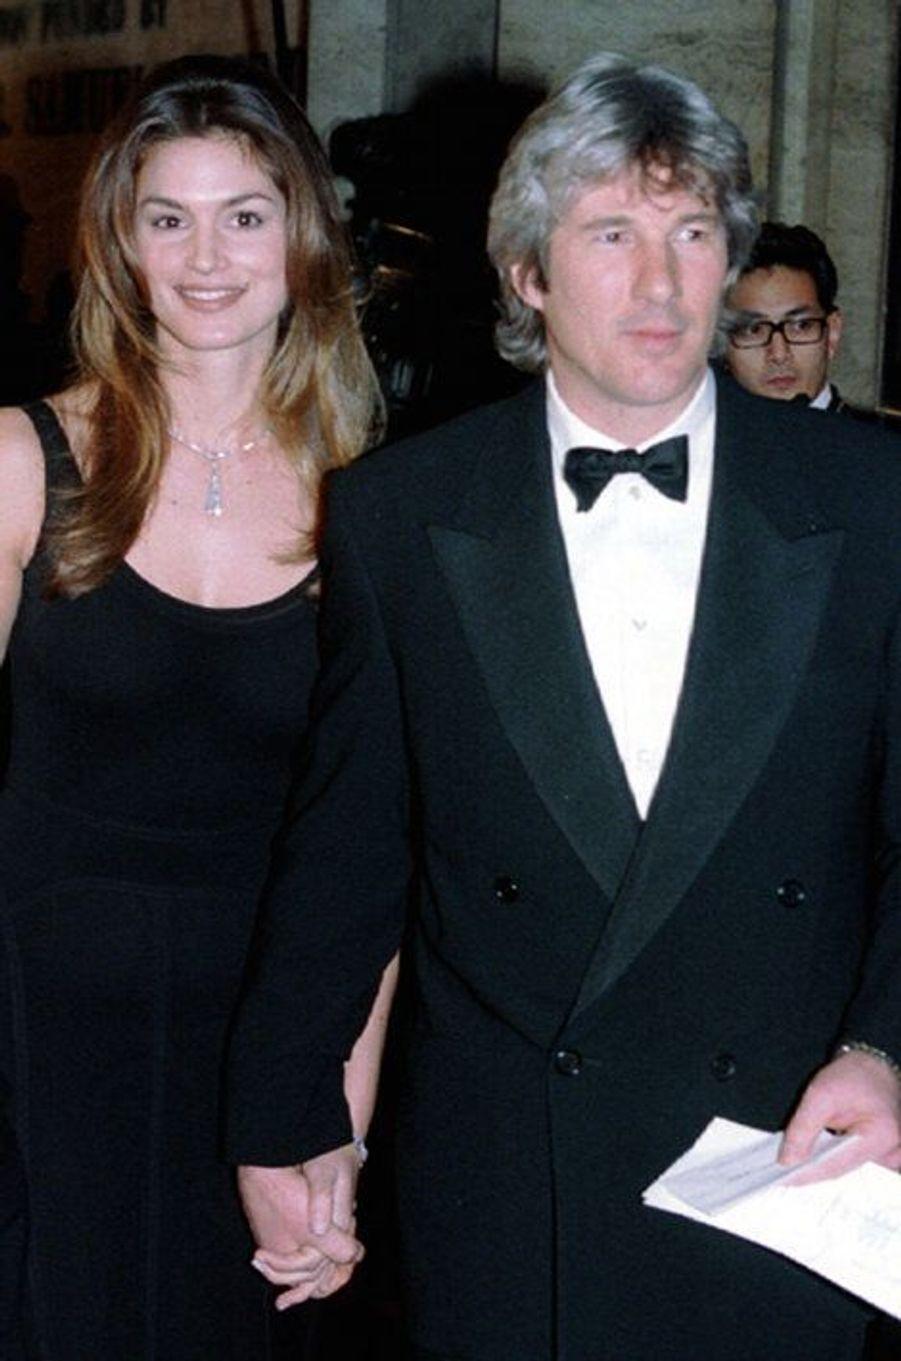 Les deux stars ont formé l'un des couples les plus glamours des années 1990. Mariés de 1991 à 1994, Richard Gere et Cindy Crawford ont fini par divorcer, estimant qu'ils n'avaient plus les mêmes attentes.